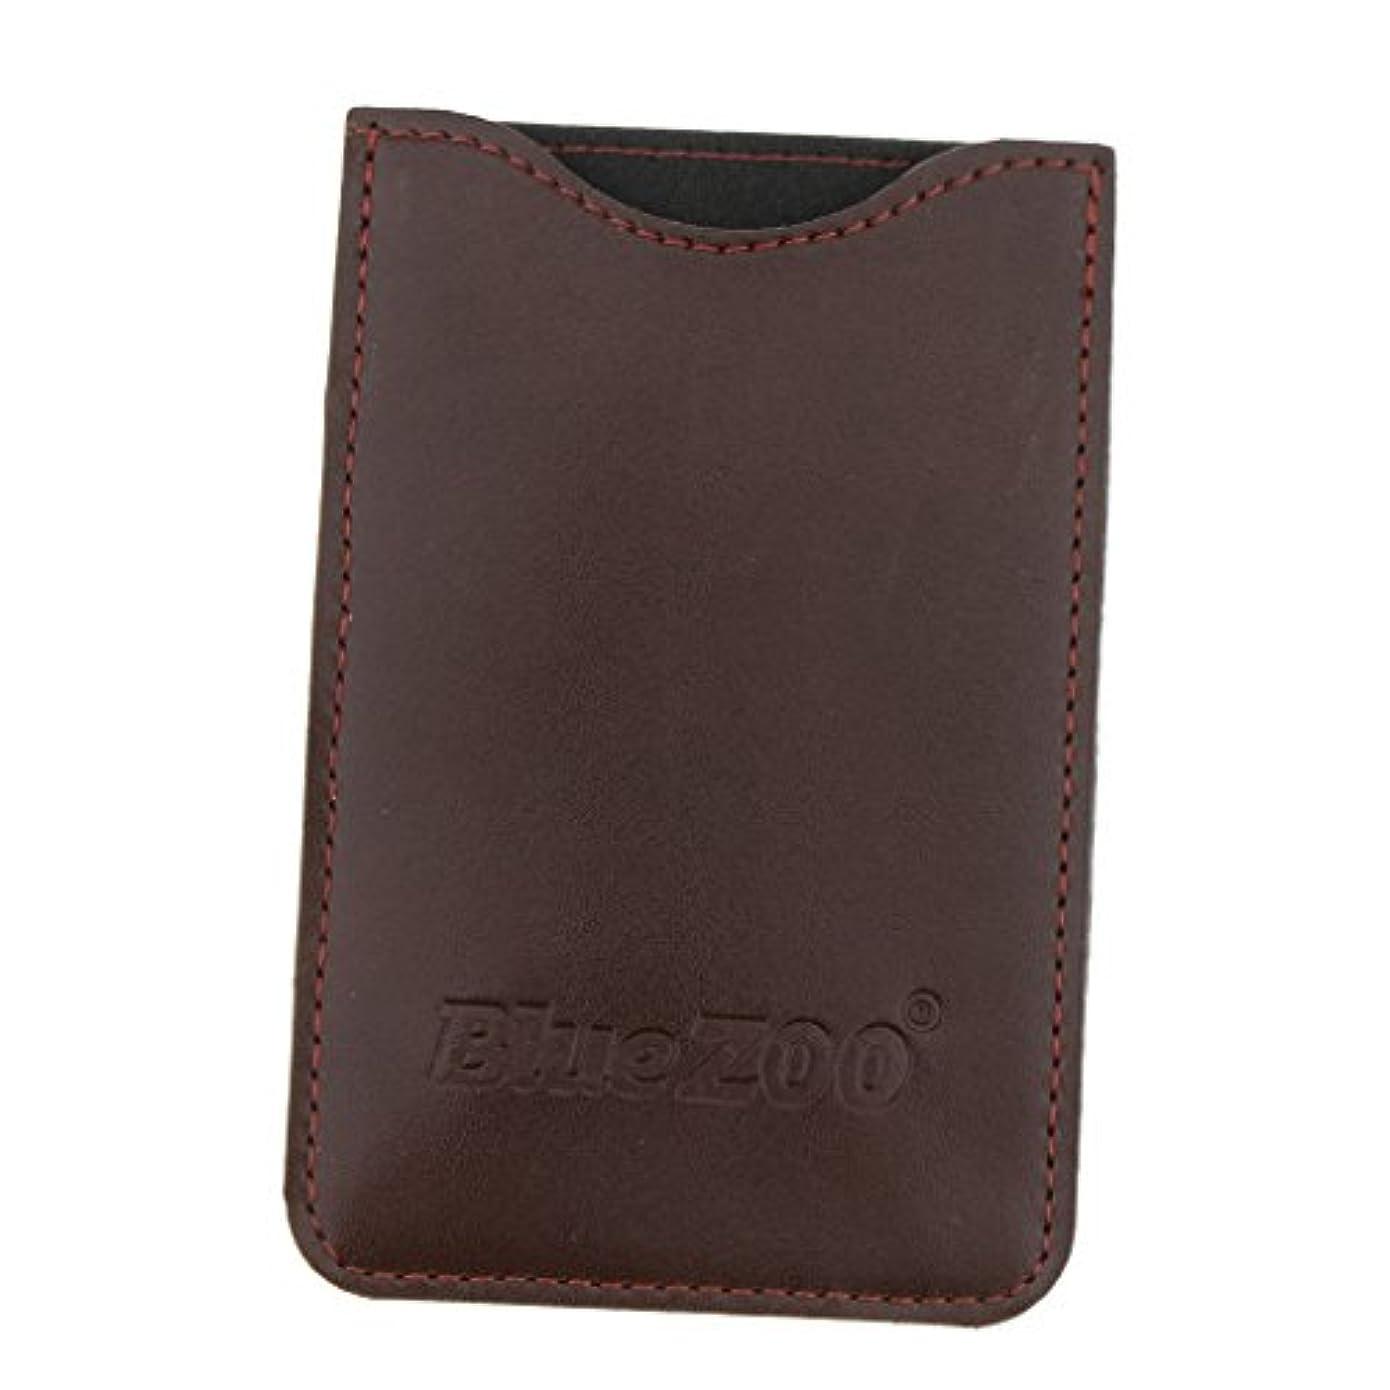 好きイヤホン悪魔収納パック 収納ケース 保護カバー 櫛/名刺/IDカード/銀行カード 旅行 便利 全2色 - 褐色